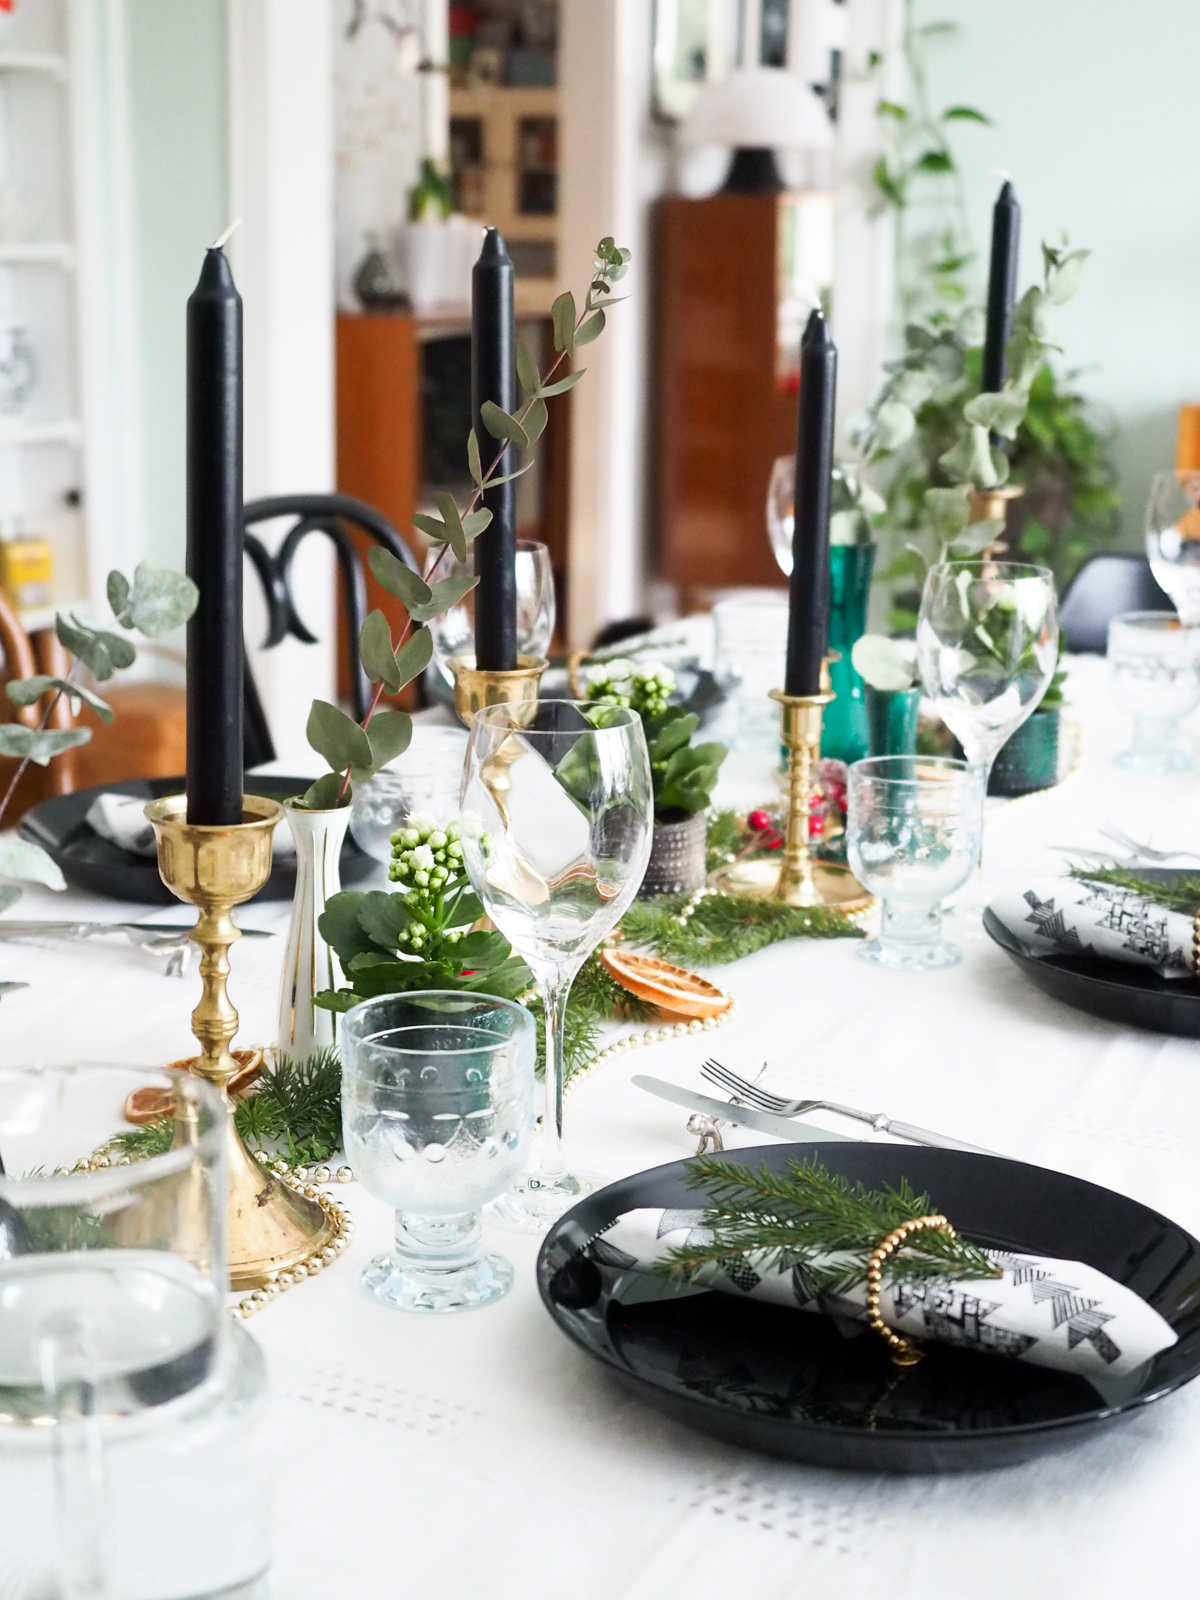 jouluinen kattaus, joulupöytä, joulu